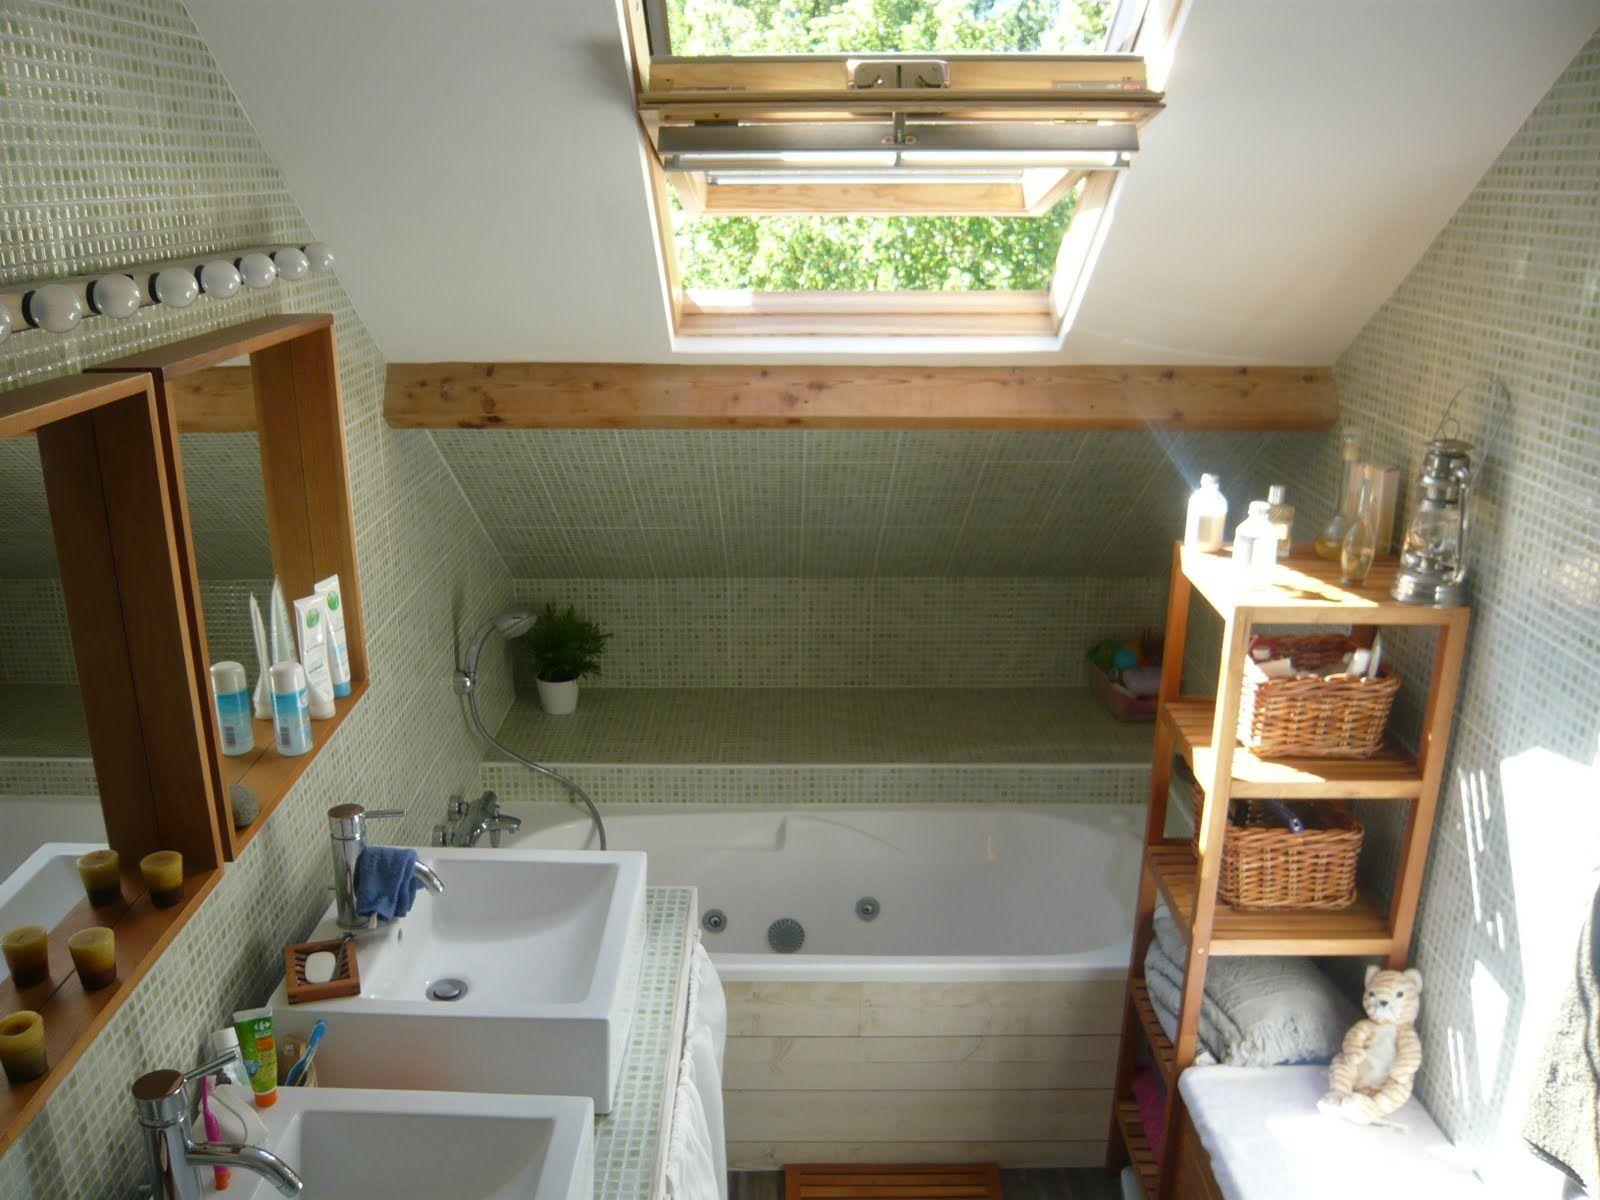 Salle de bain sous les toits recherche google cocoon - Idees amenagement salle de bain ...